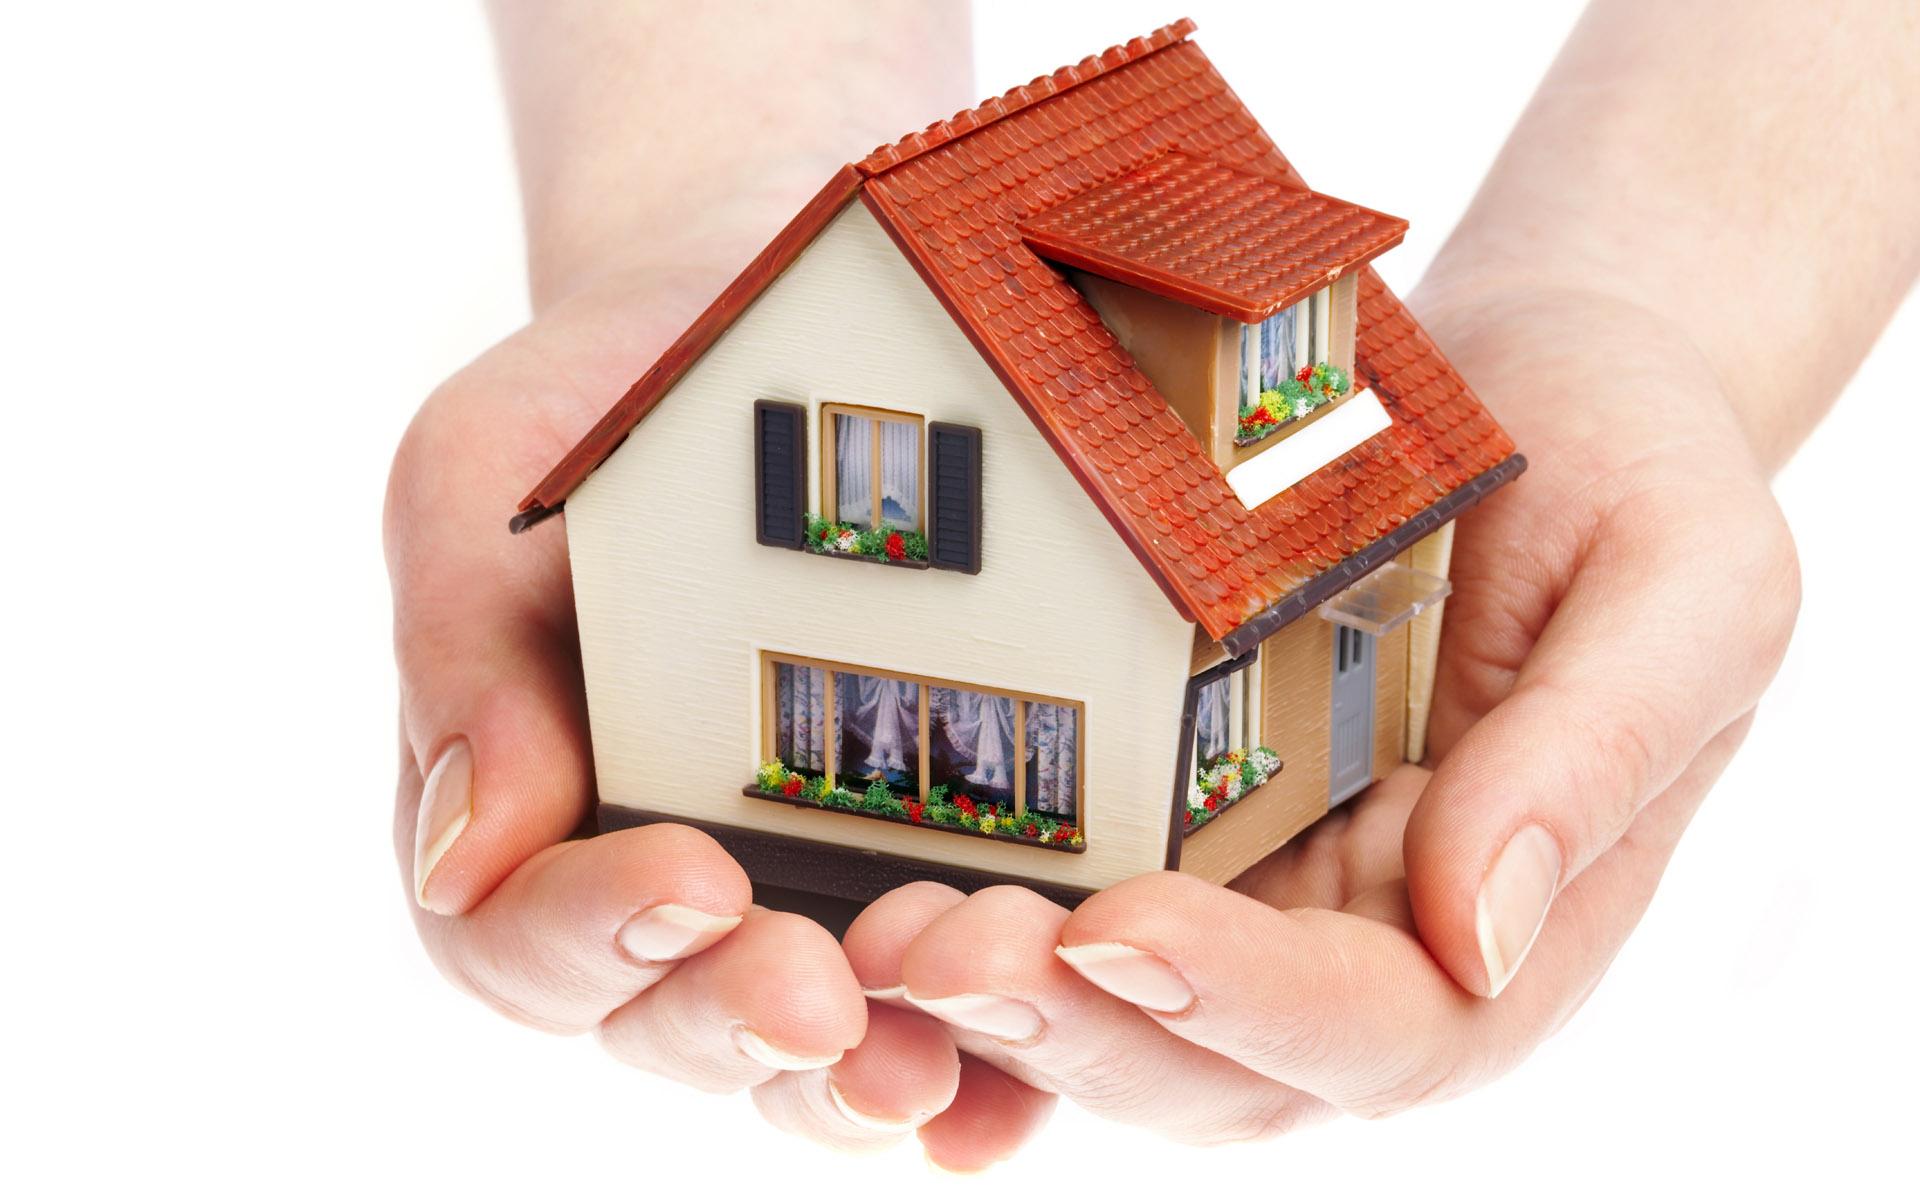 Derechos de los consumidores en el alquiler de vivienda